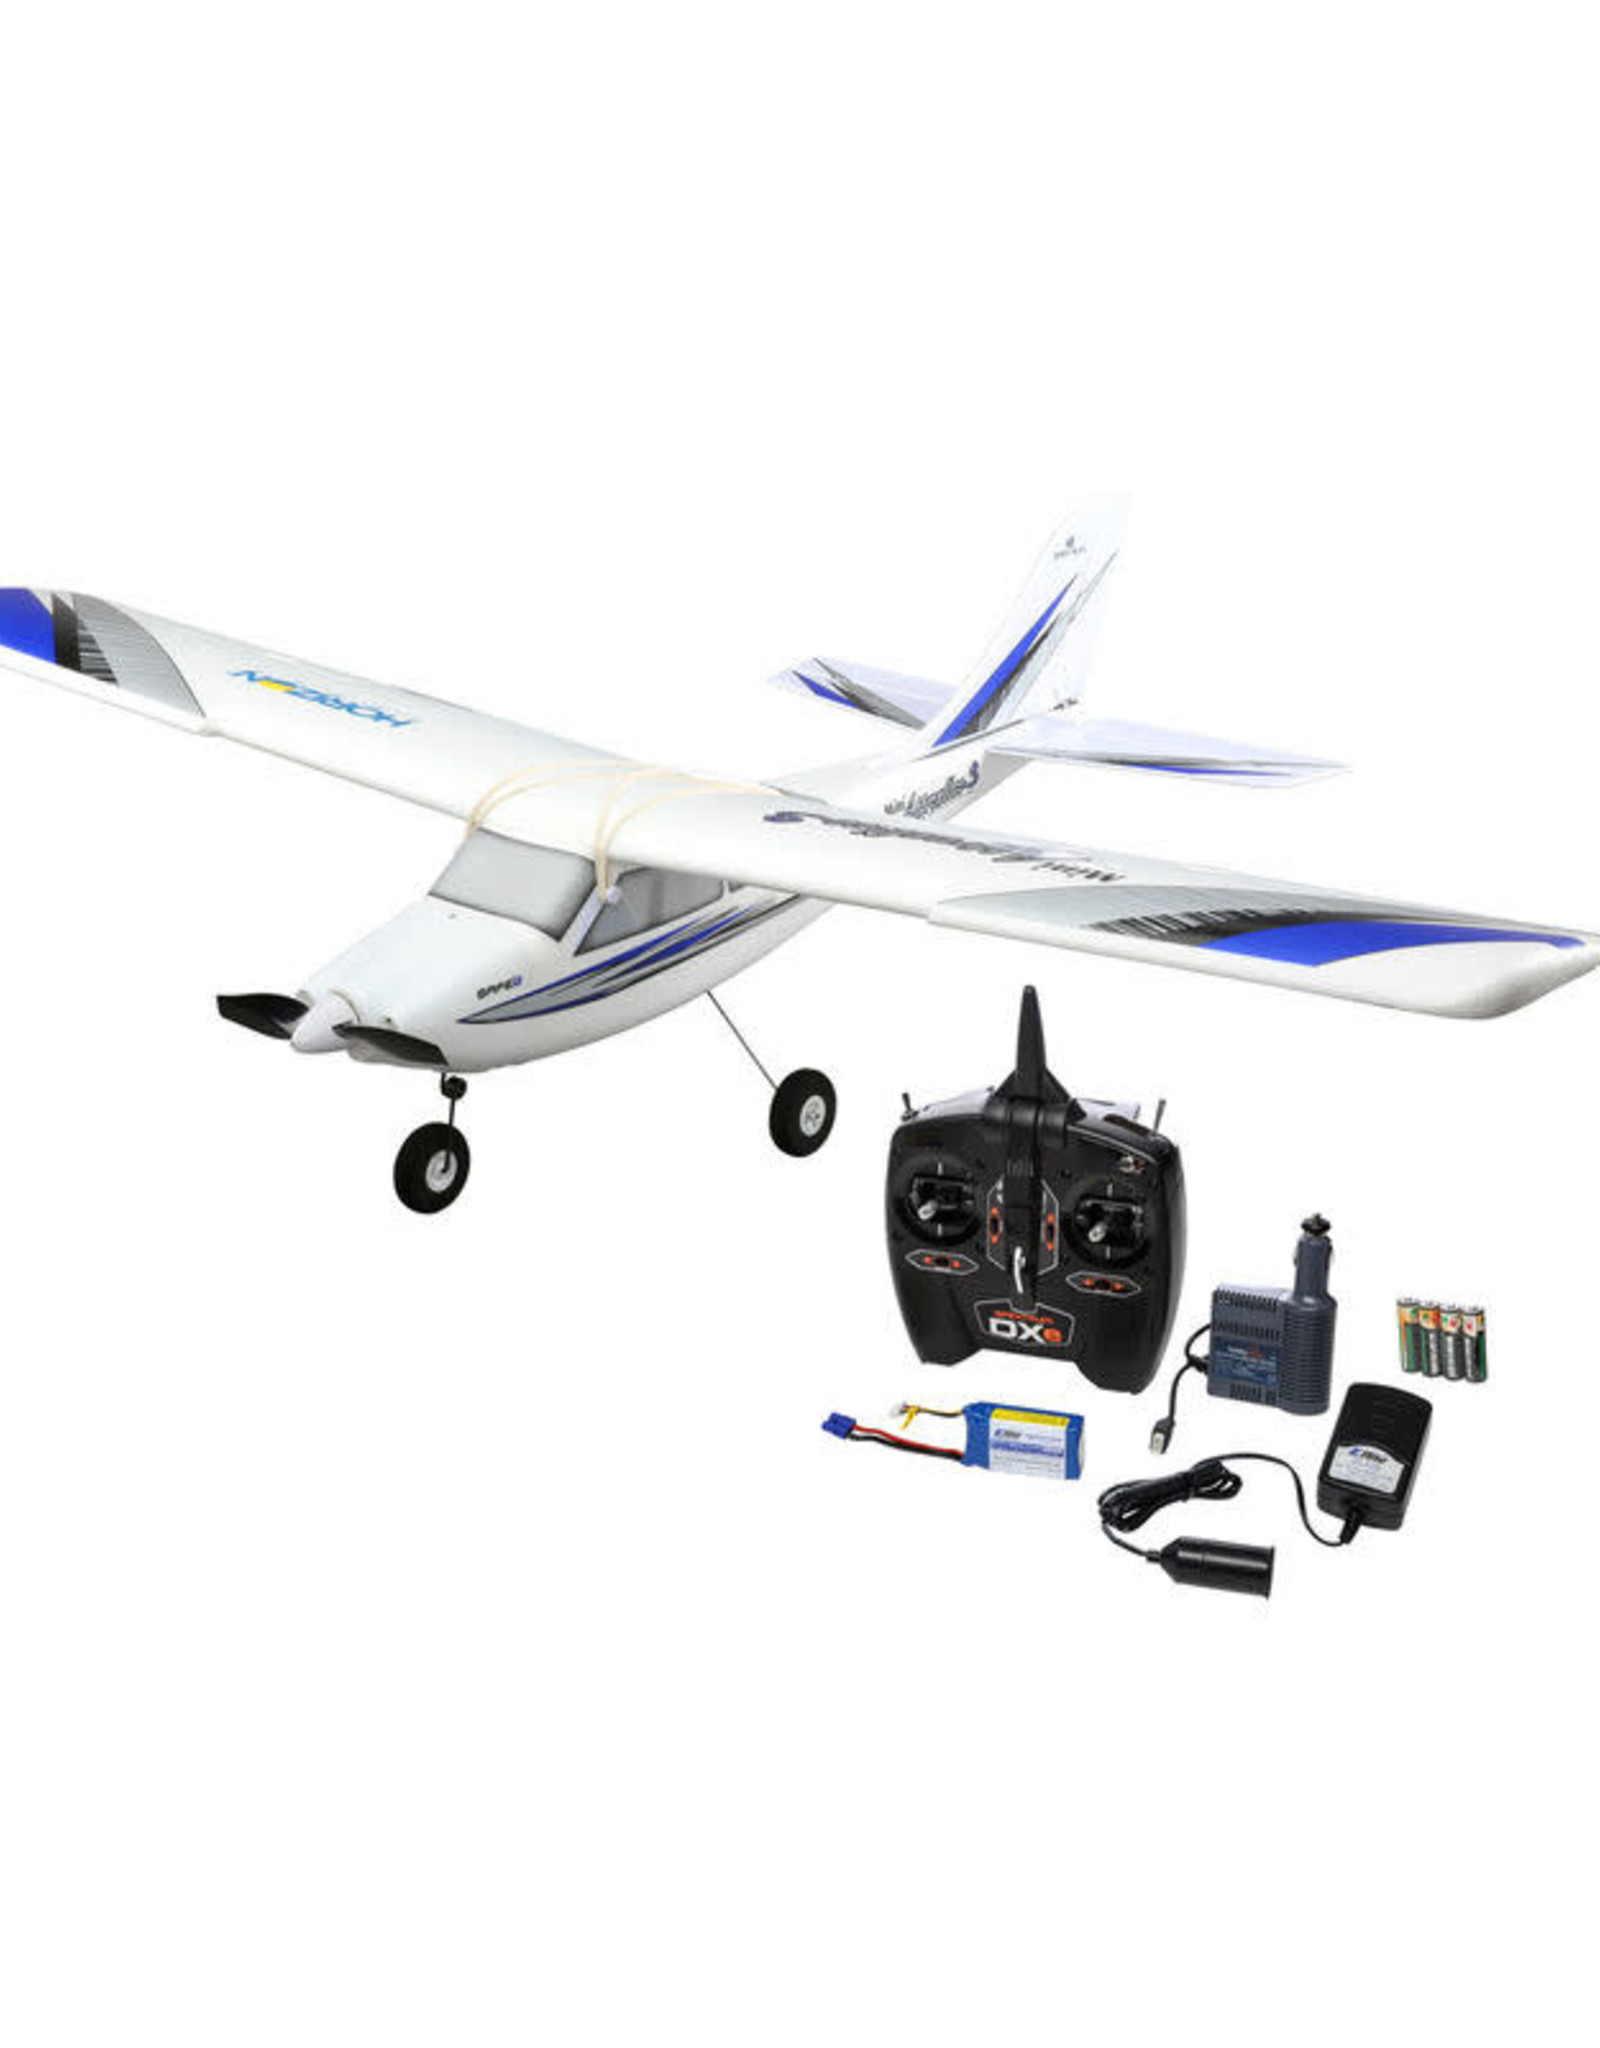 HobbyZone HBZ3100 Mini Apprentice S 1.2m RTF with SAFE